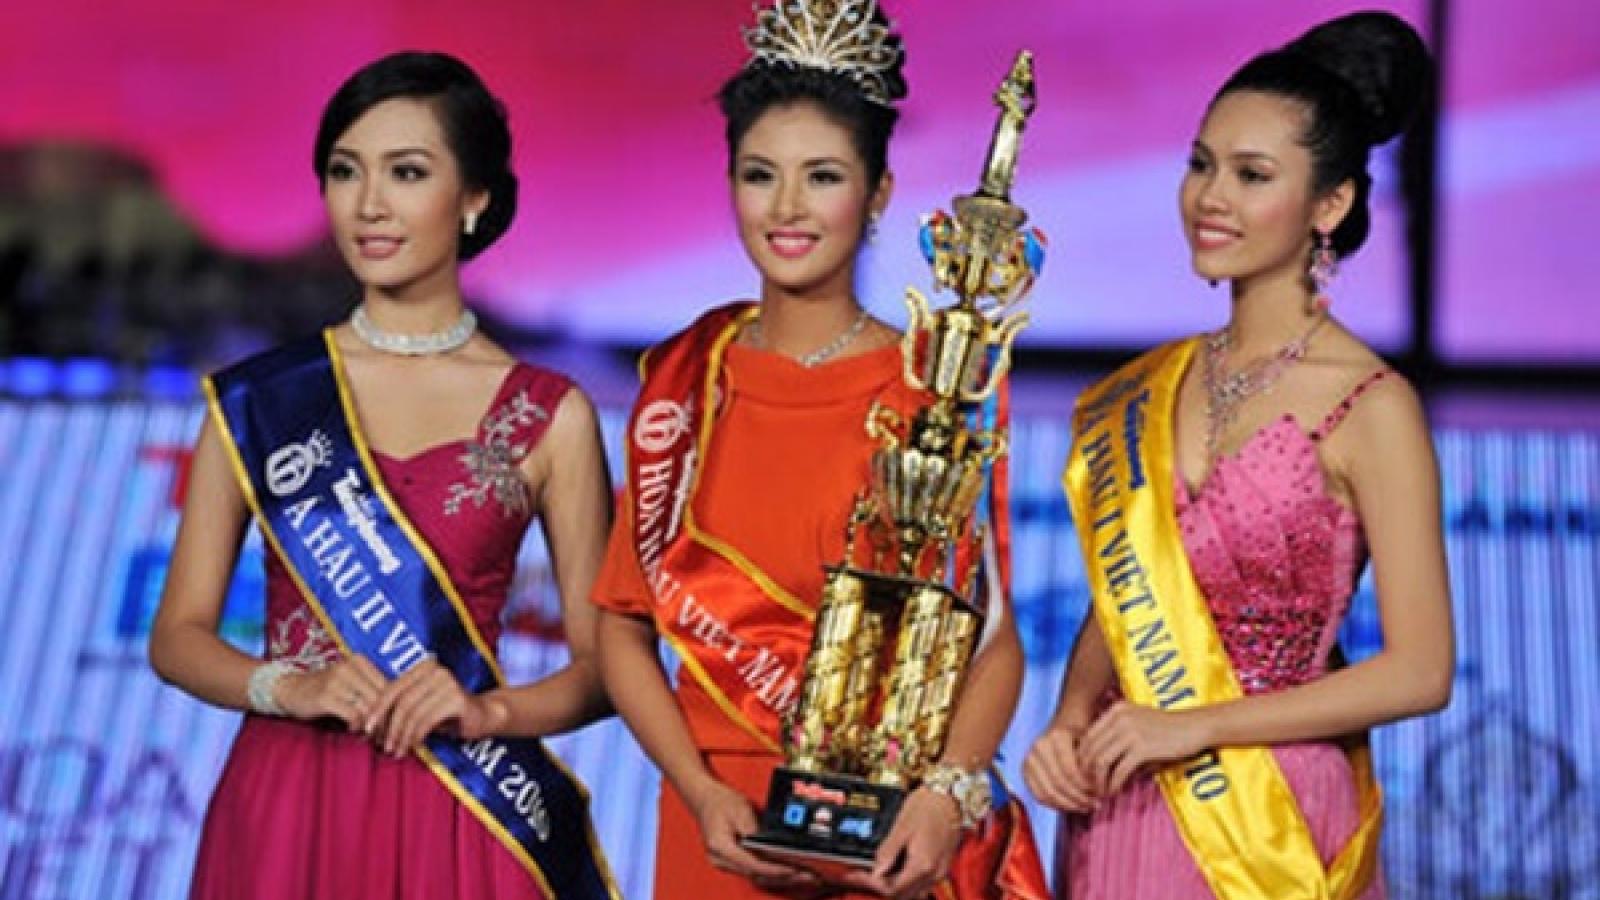 Top 3 Hoa hậu Việt Nam 2010: Không mặn mà showbiz, mỗi người hướng đi riêng